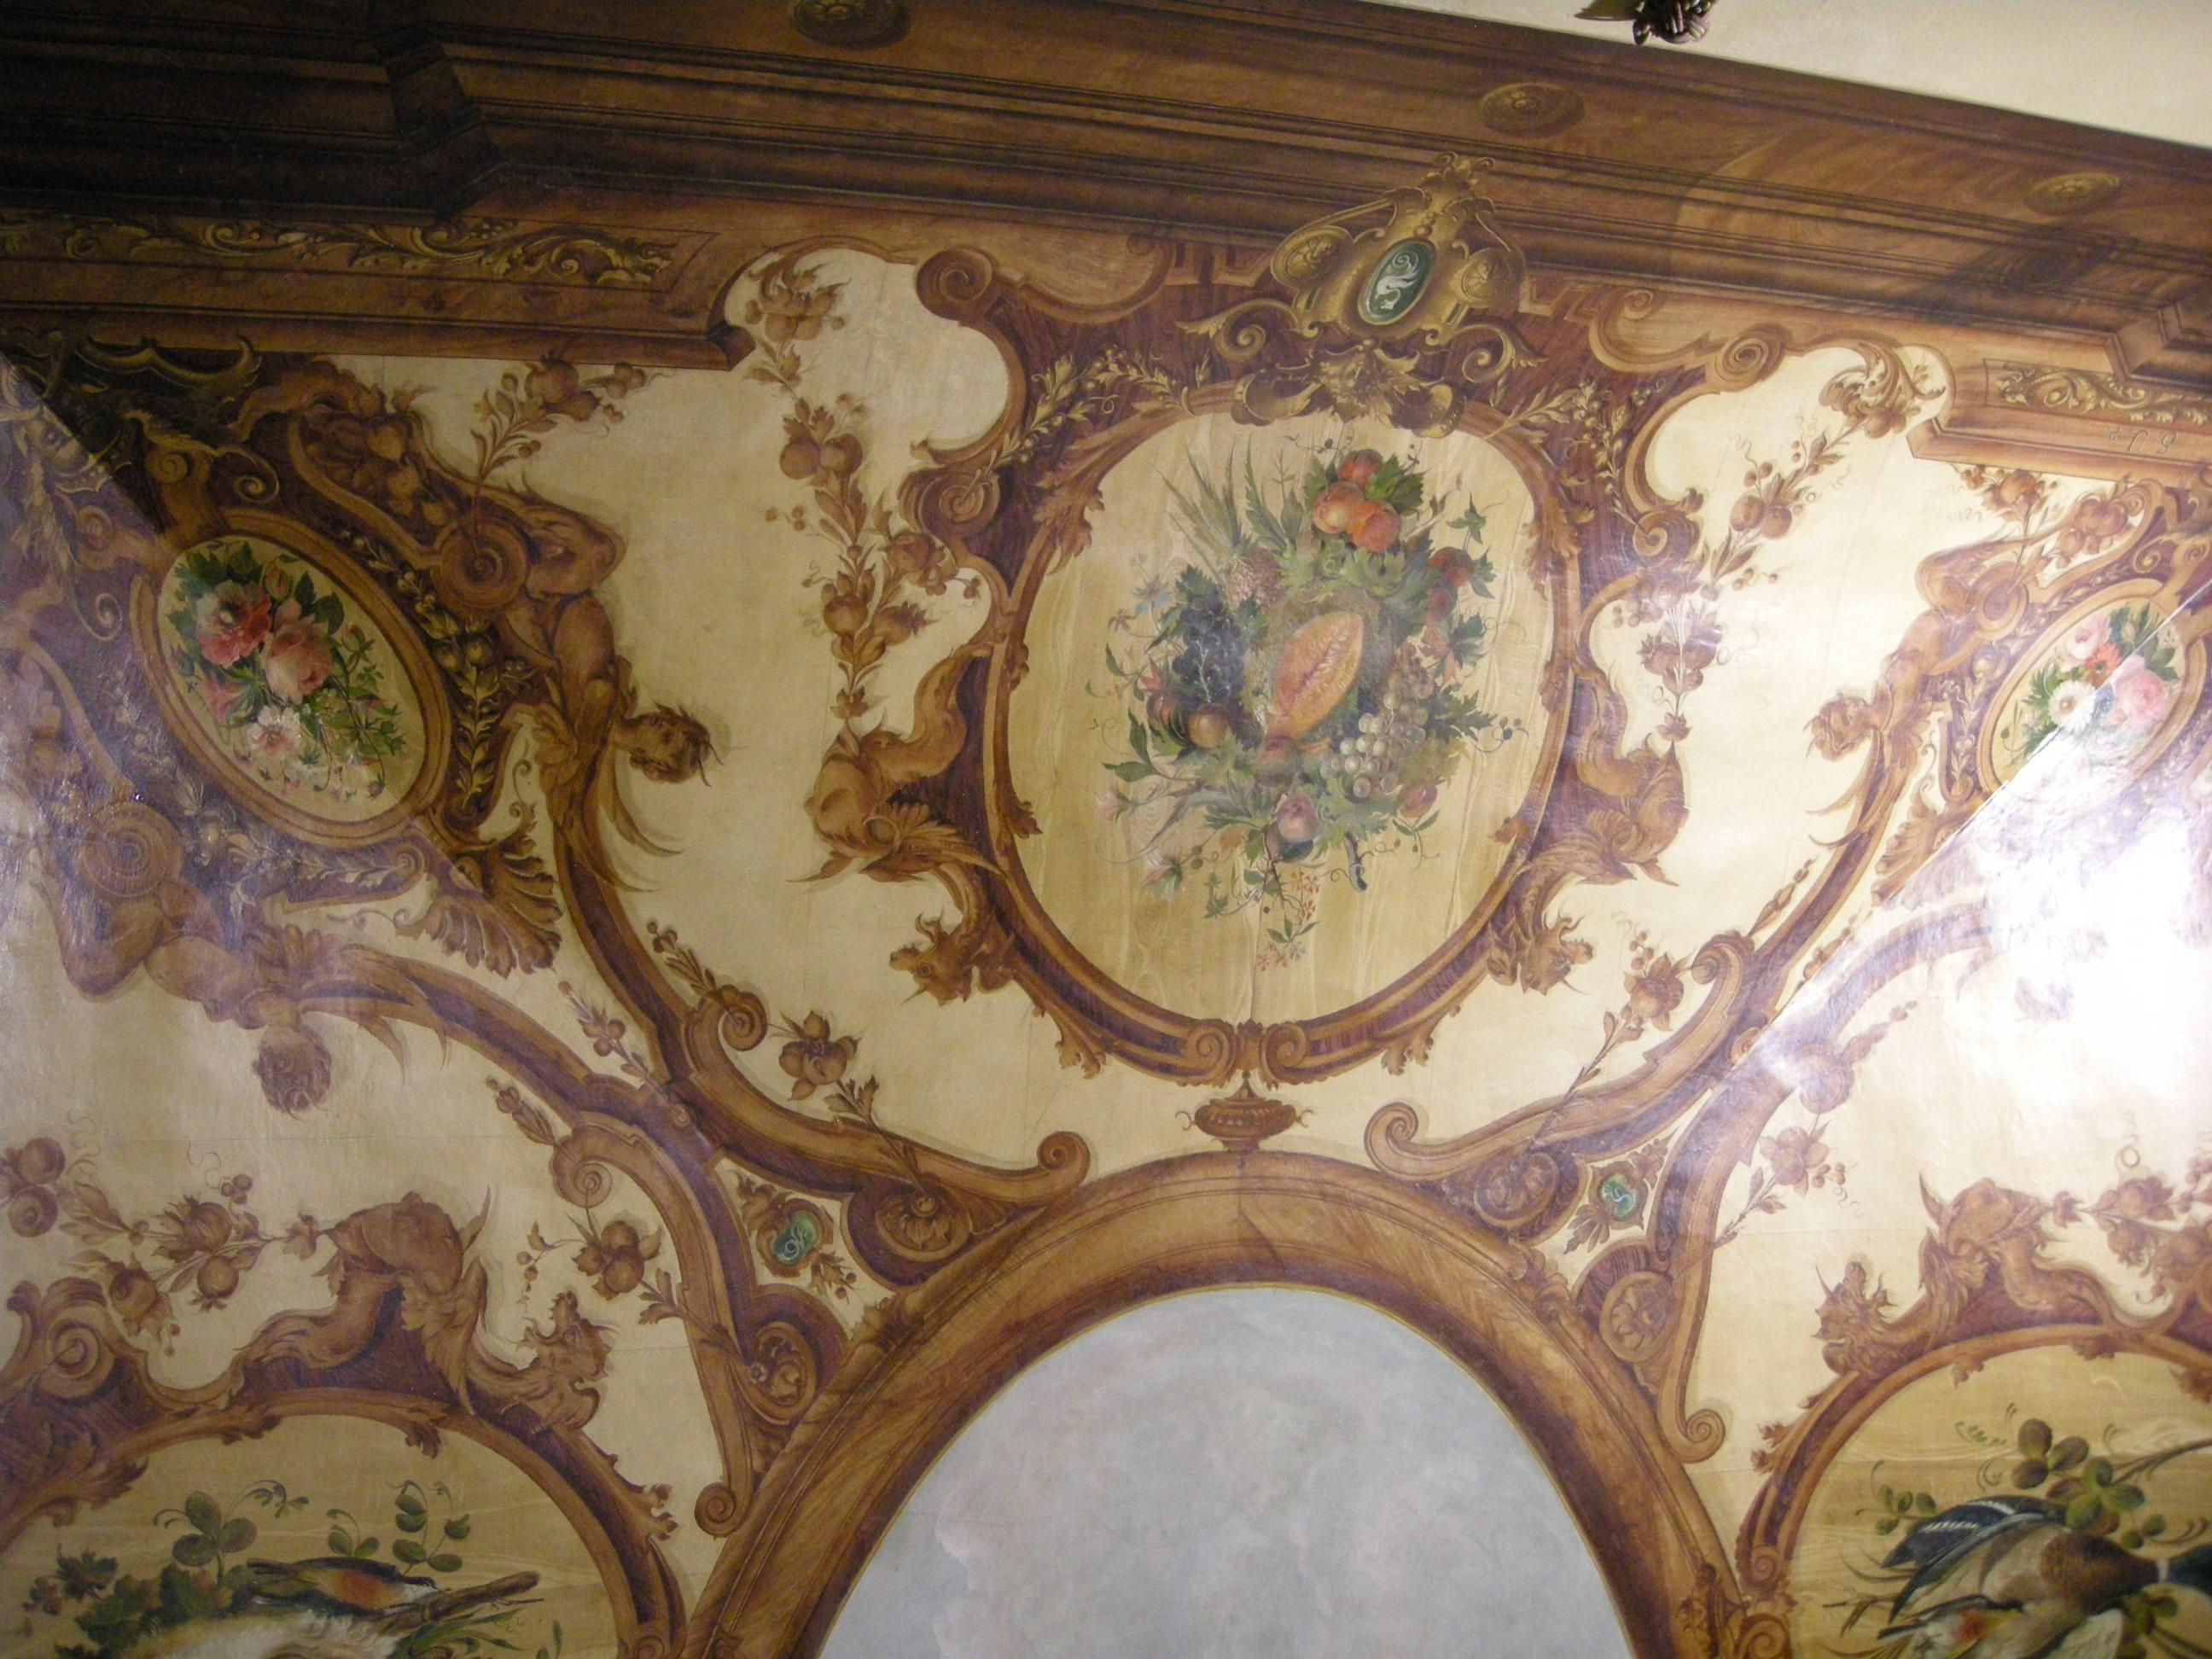 File:Casa Siviero Sala Da Pranzo Soffitto Di Stefano Ussi 03.JPG  #66472F 2592 1944 Sala Da Pranzo Dell'antica Casa Romana